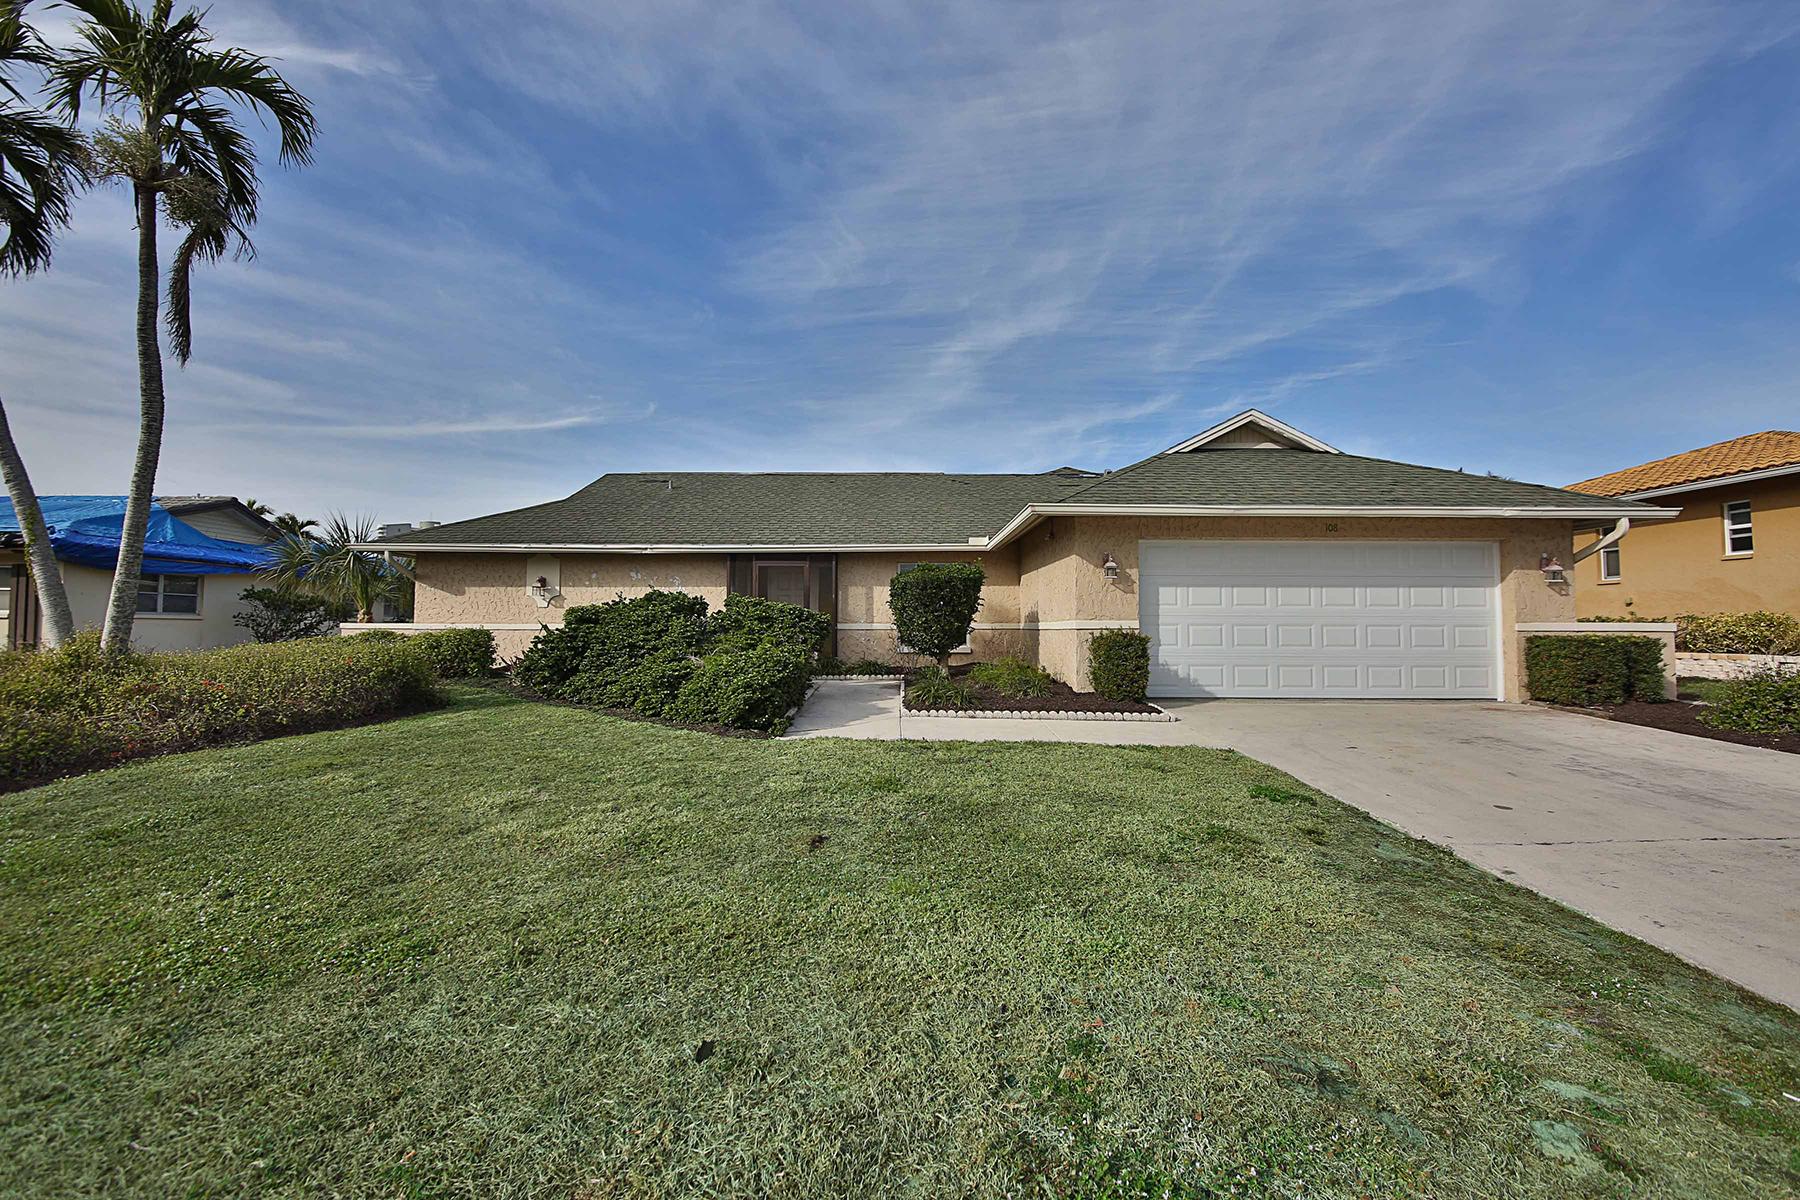 獨棟家庭住宅 為 出售 在 MARCO BEACH 108 Landmark St, Marco Island, 佛羅里達州, 34145 美國